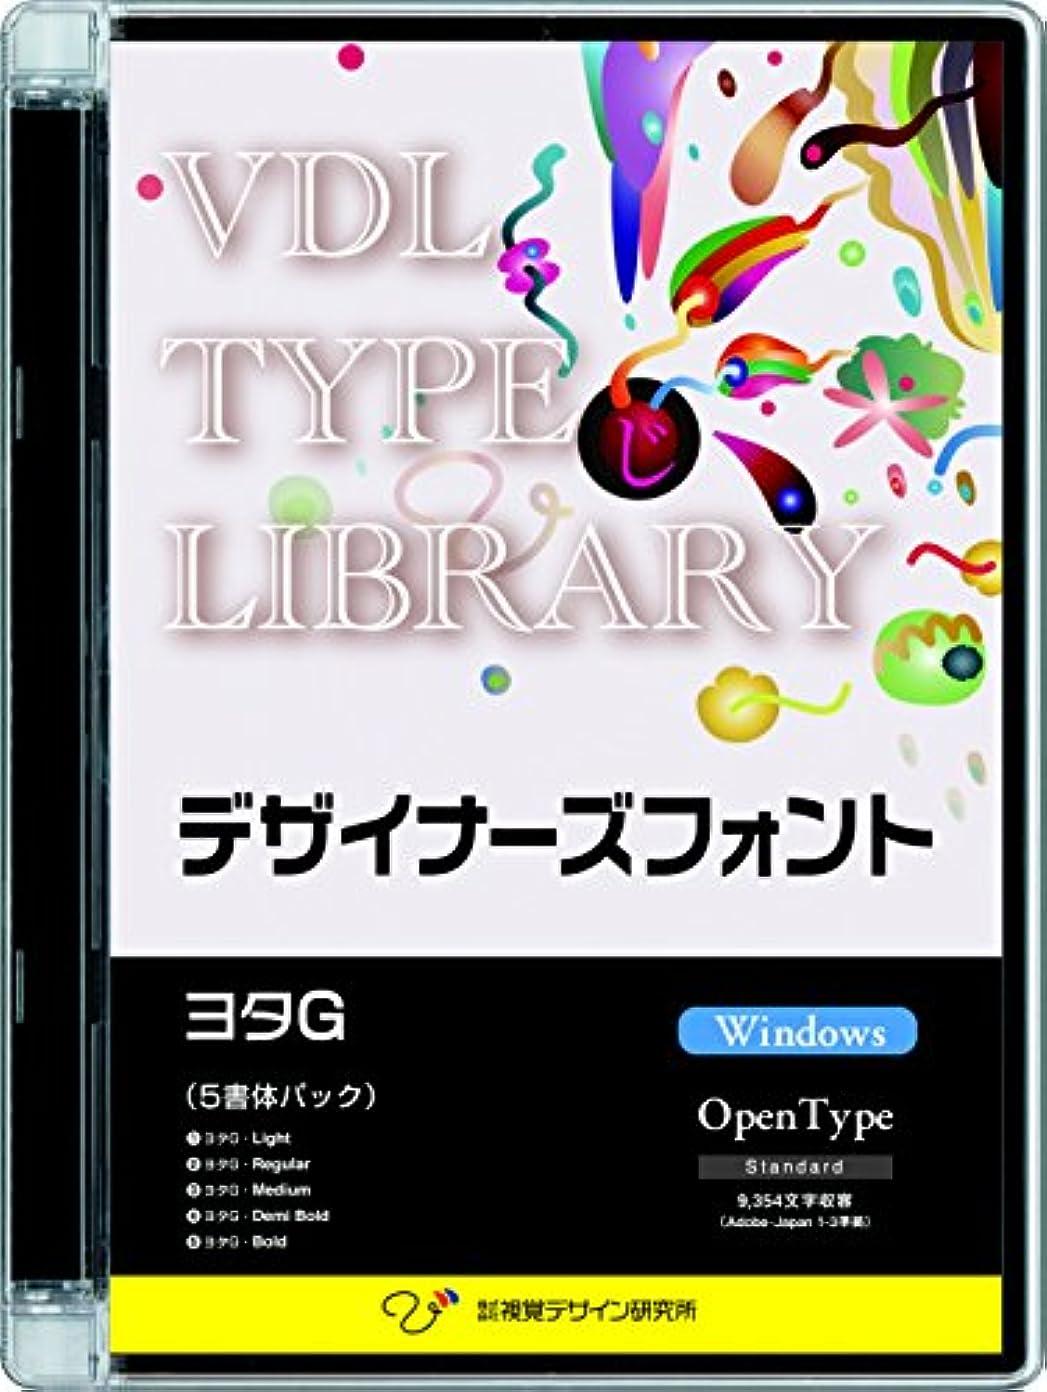 費用バンガロー洞察力のあるVDL TYPE LIBRARY デザイナーズフォント OpenType (Standard) Windows ヨタG ファミリーパック